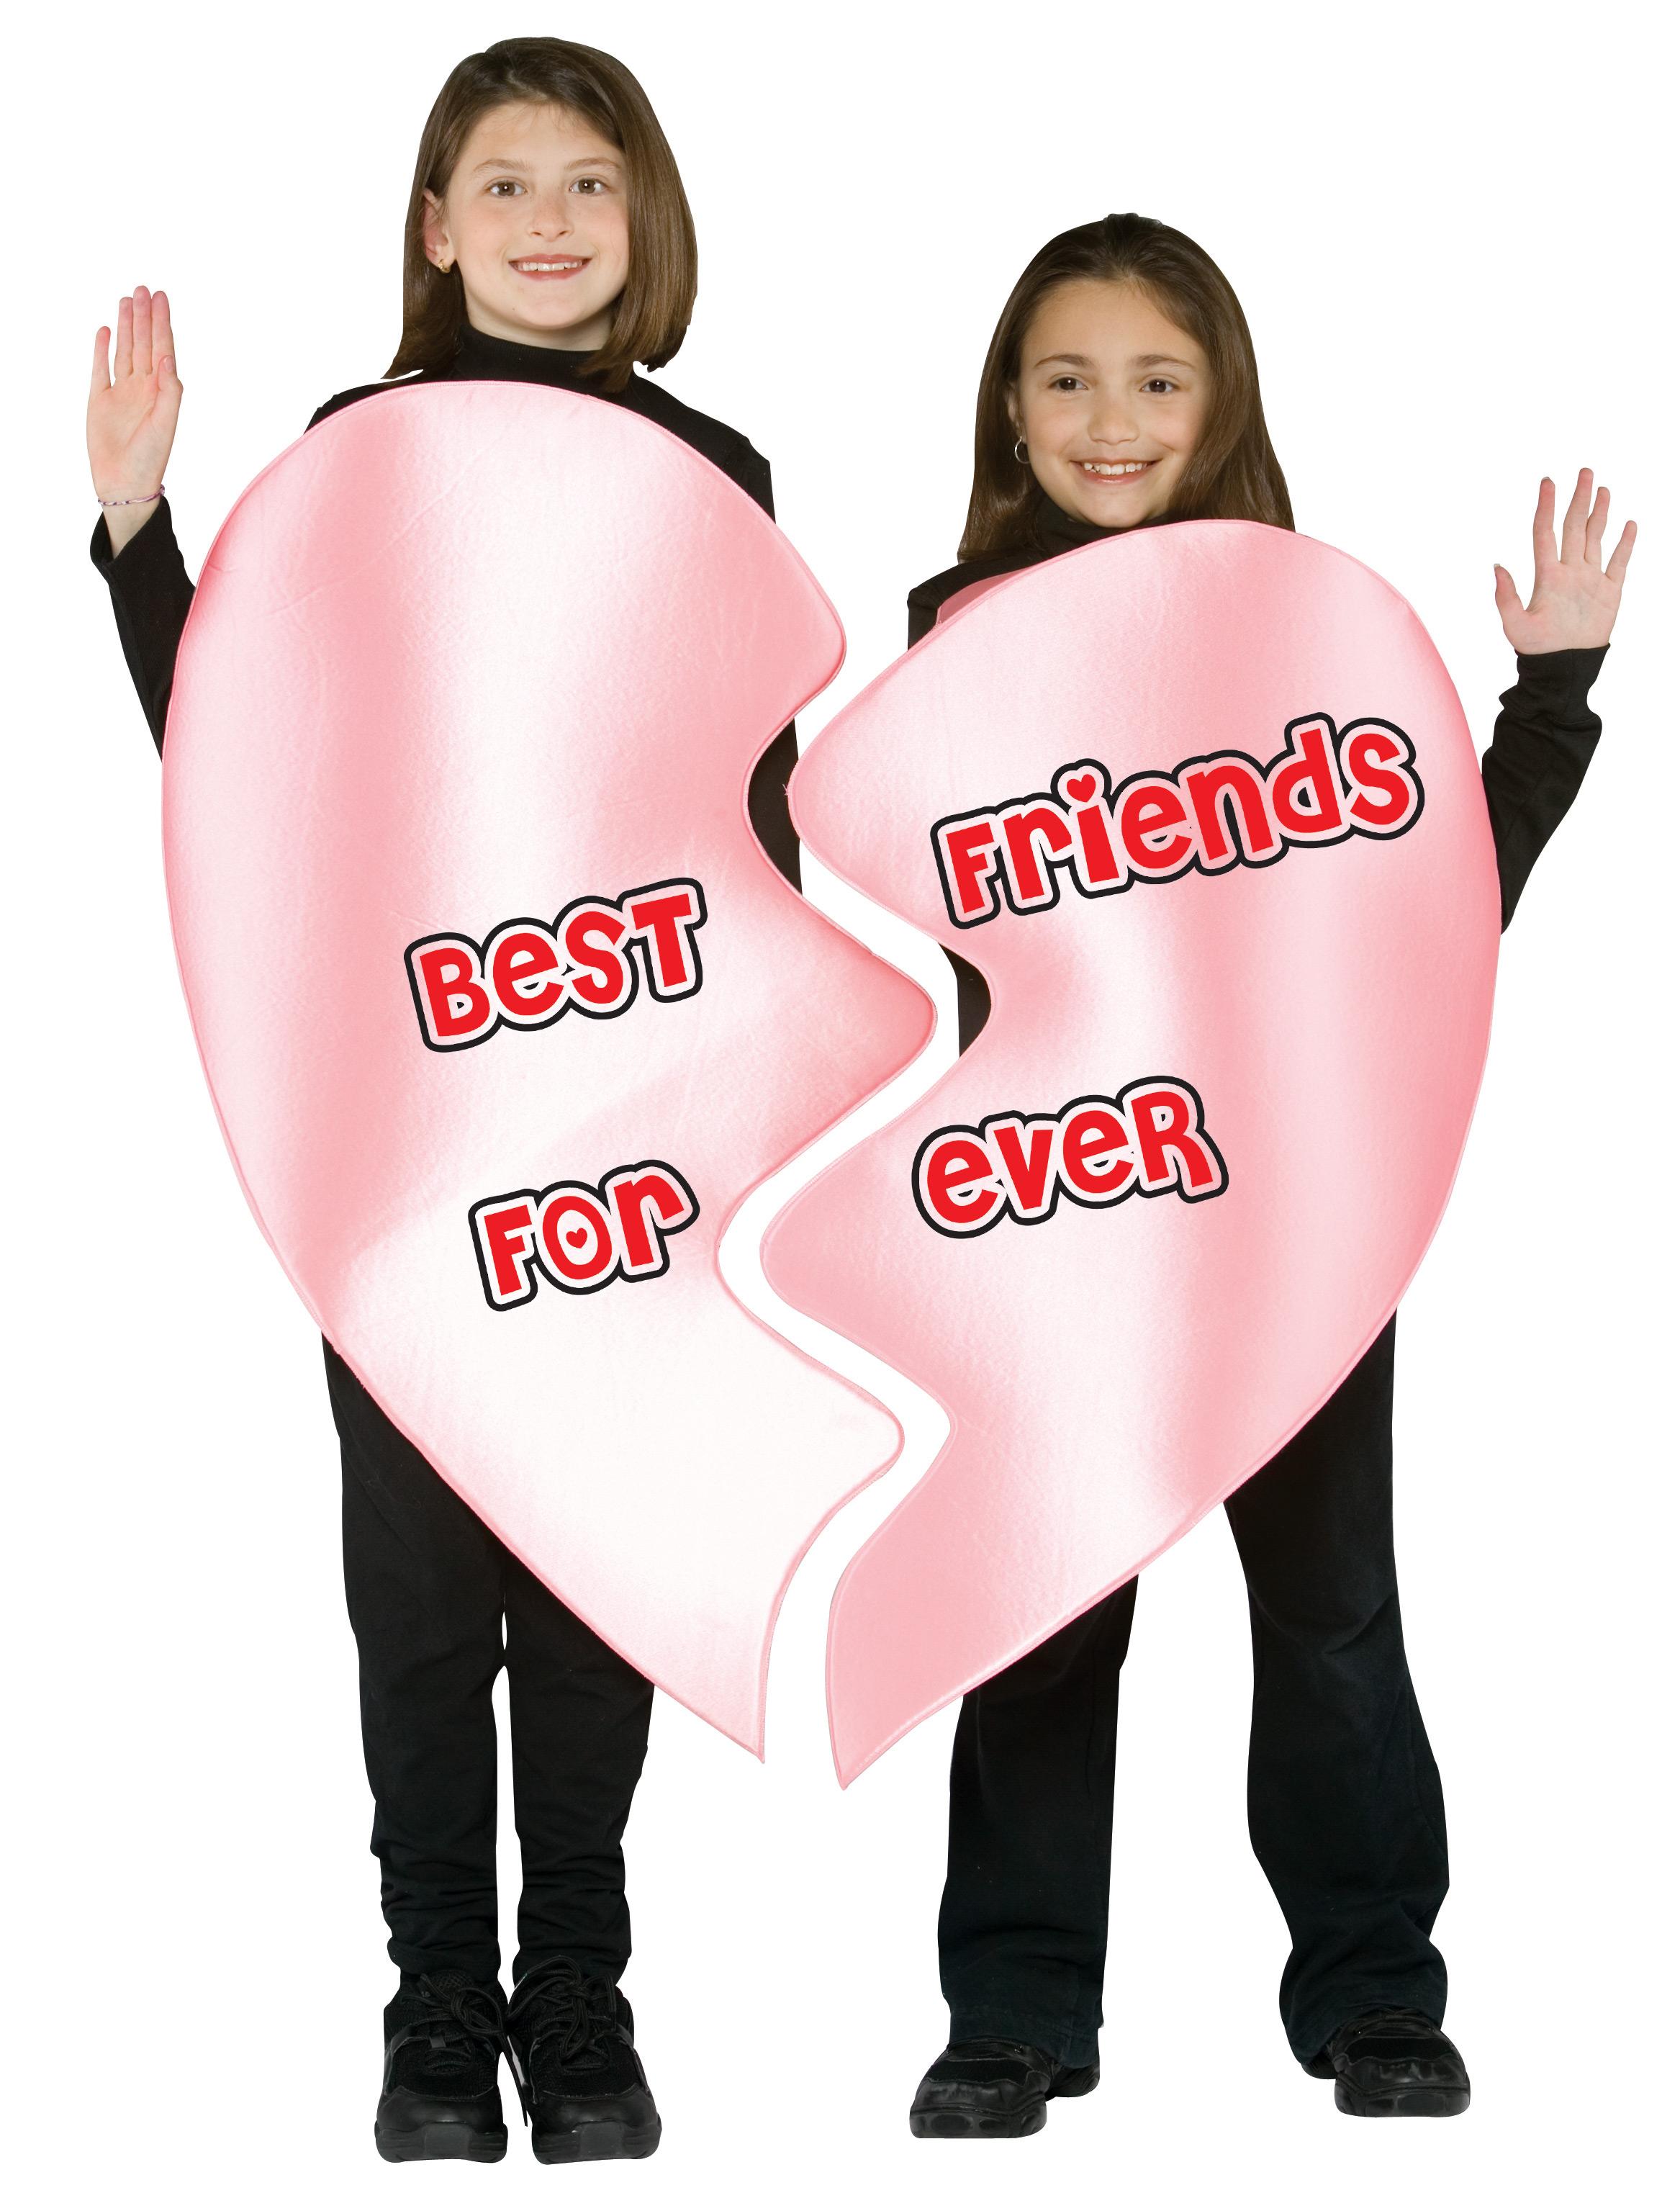 http://images.buycostumes.com/mgen/merchandiser/31710.jpg